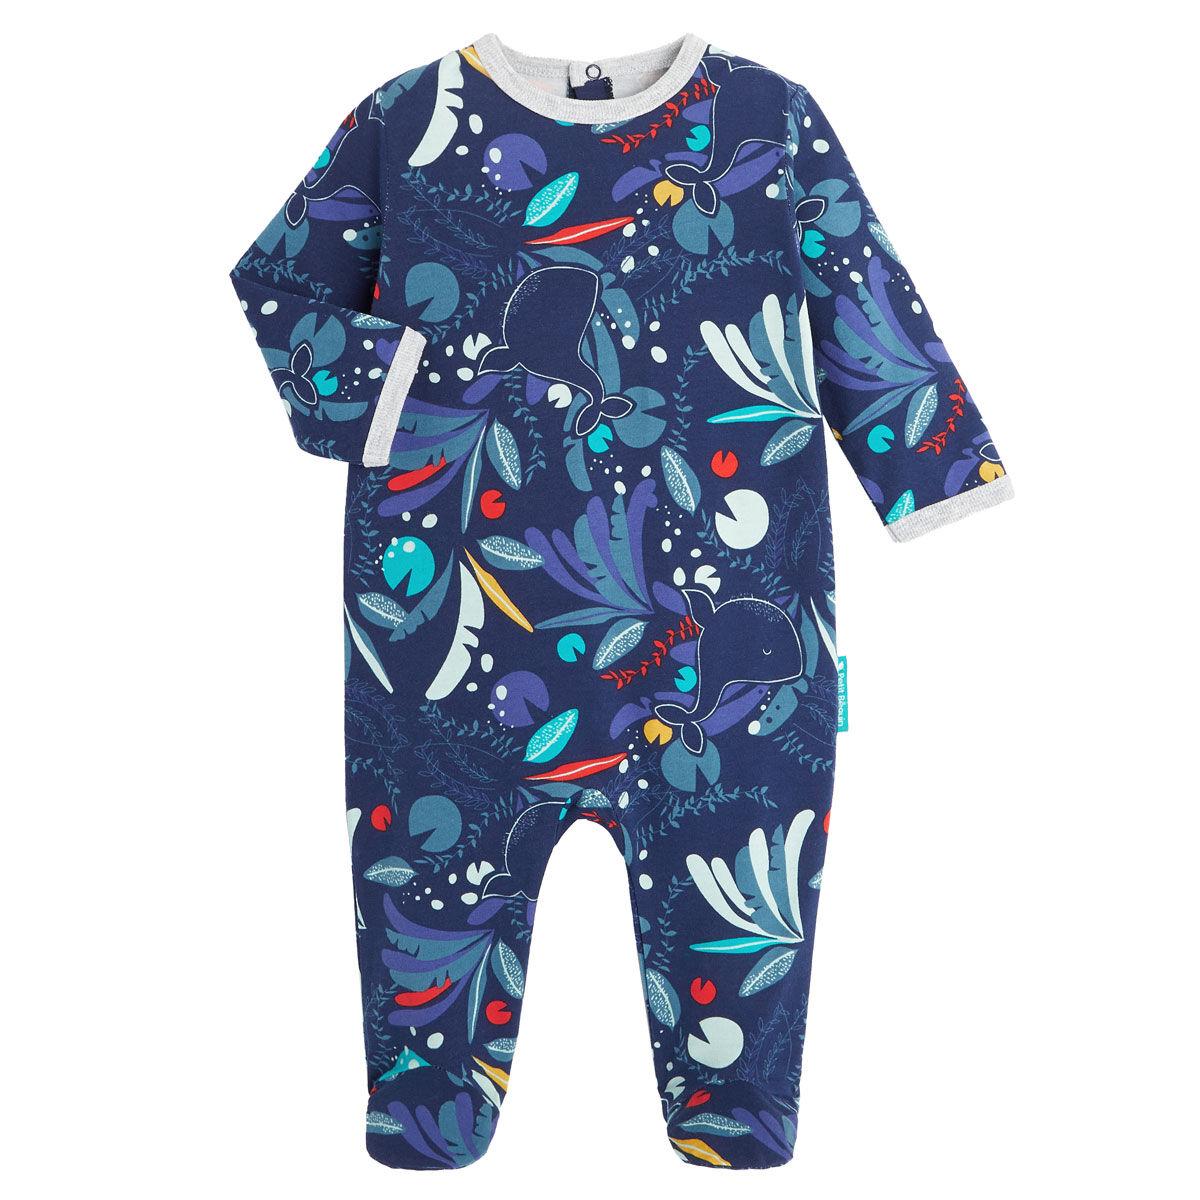 Petit Béguin Pyjama bébé contenant du coton bio Sea You - Taille - 12 mois